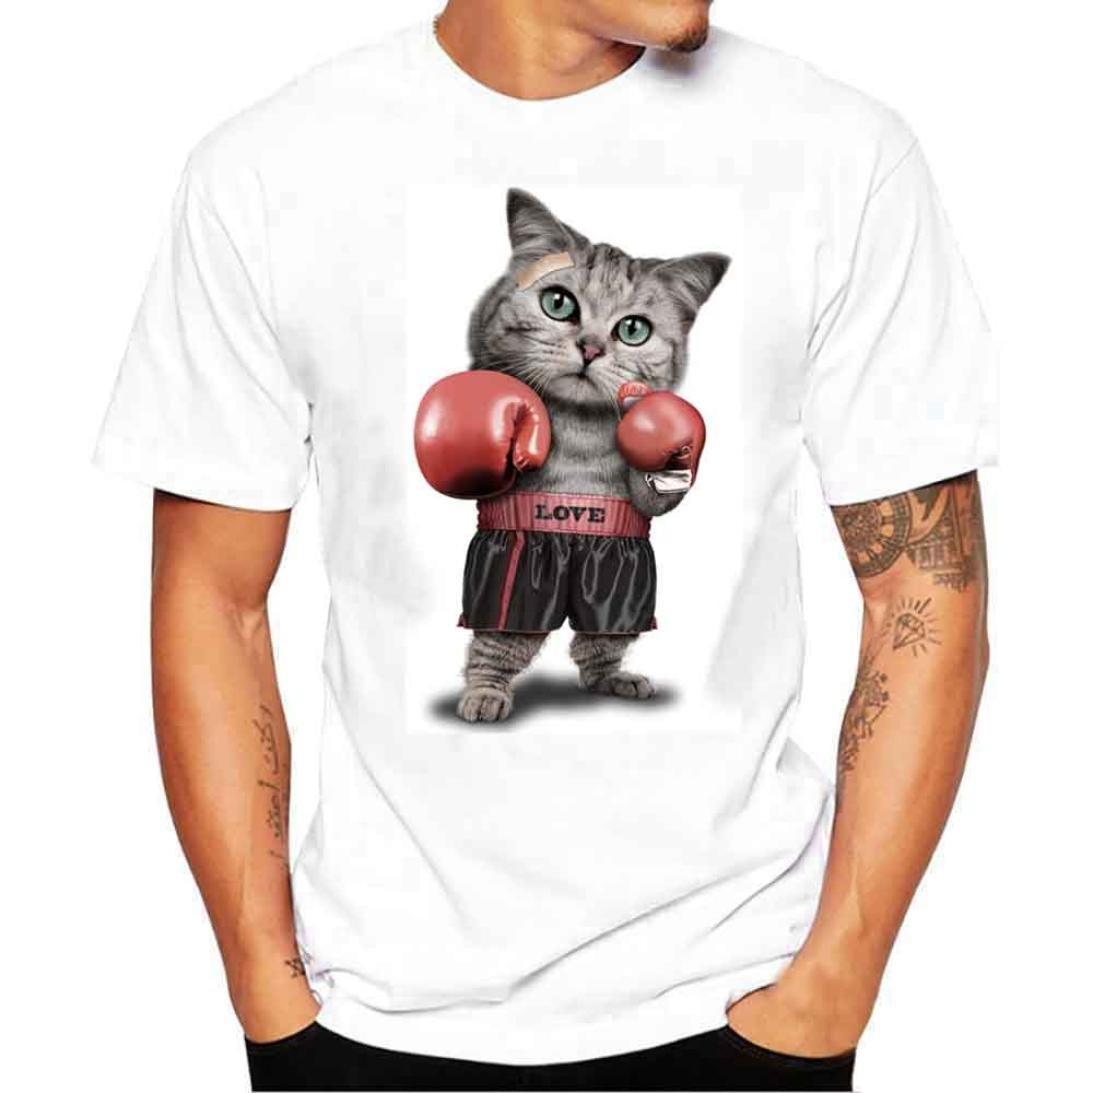 Camisa Casual Hombre Naturazy Hombres Que Imprimen La Blusa De La Camiseta De Manga Corta De La Camisa De Las Camisetas Hombre Fiestas Camisas Manga Corta ...